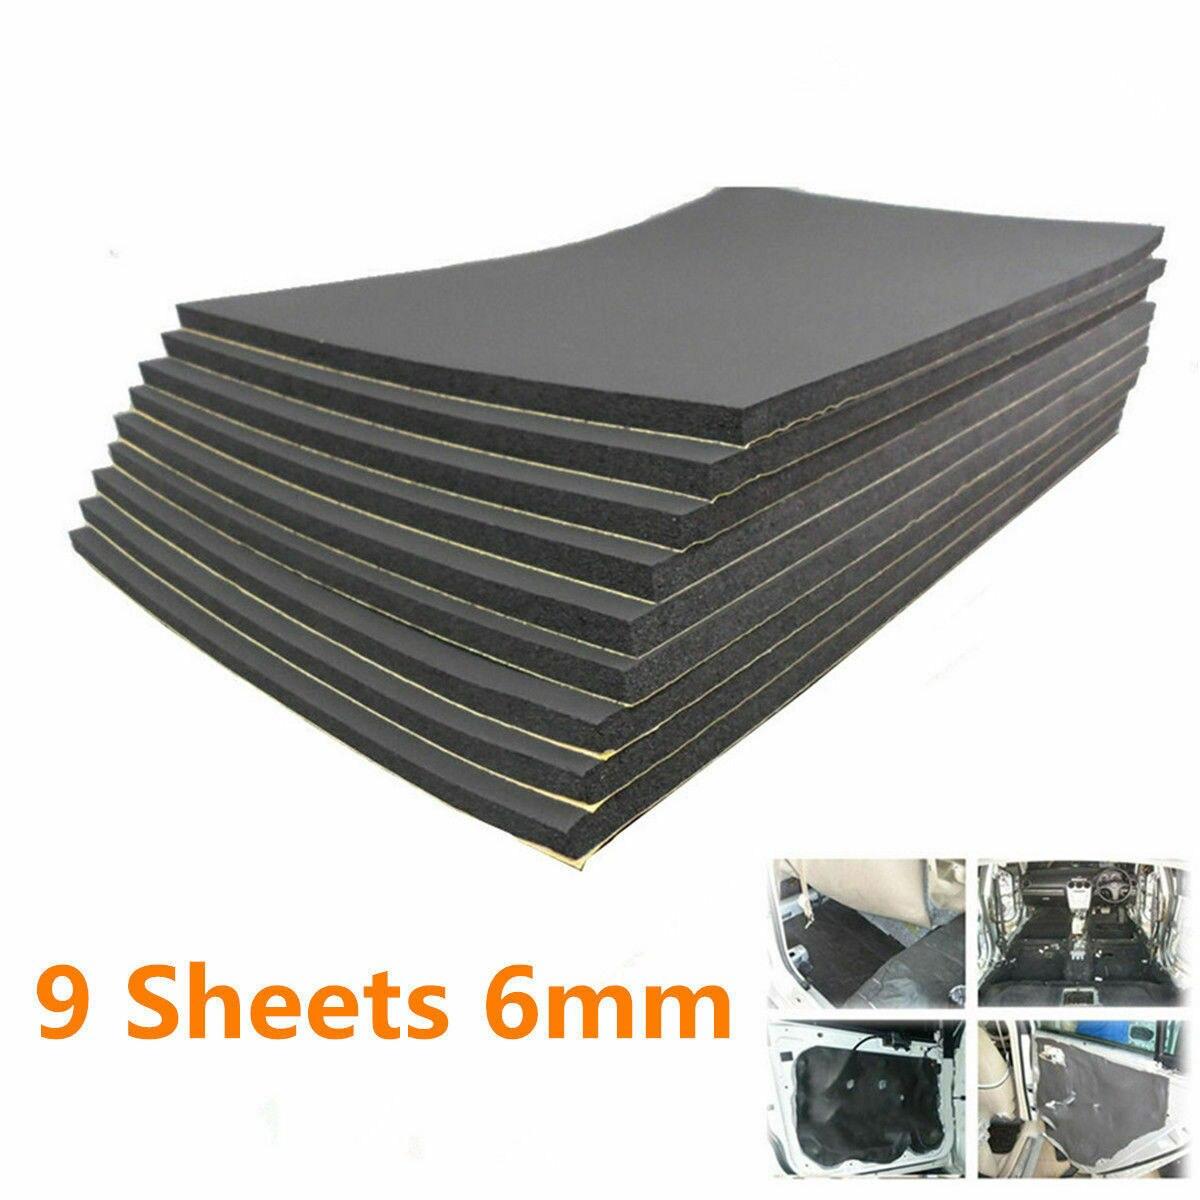 9pcs Car Auto Van Geluidsisolatie Deadening Isolatie Schuim 30cm * 50cm * 6mm thermische isolatie in de hitte